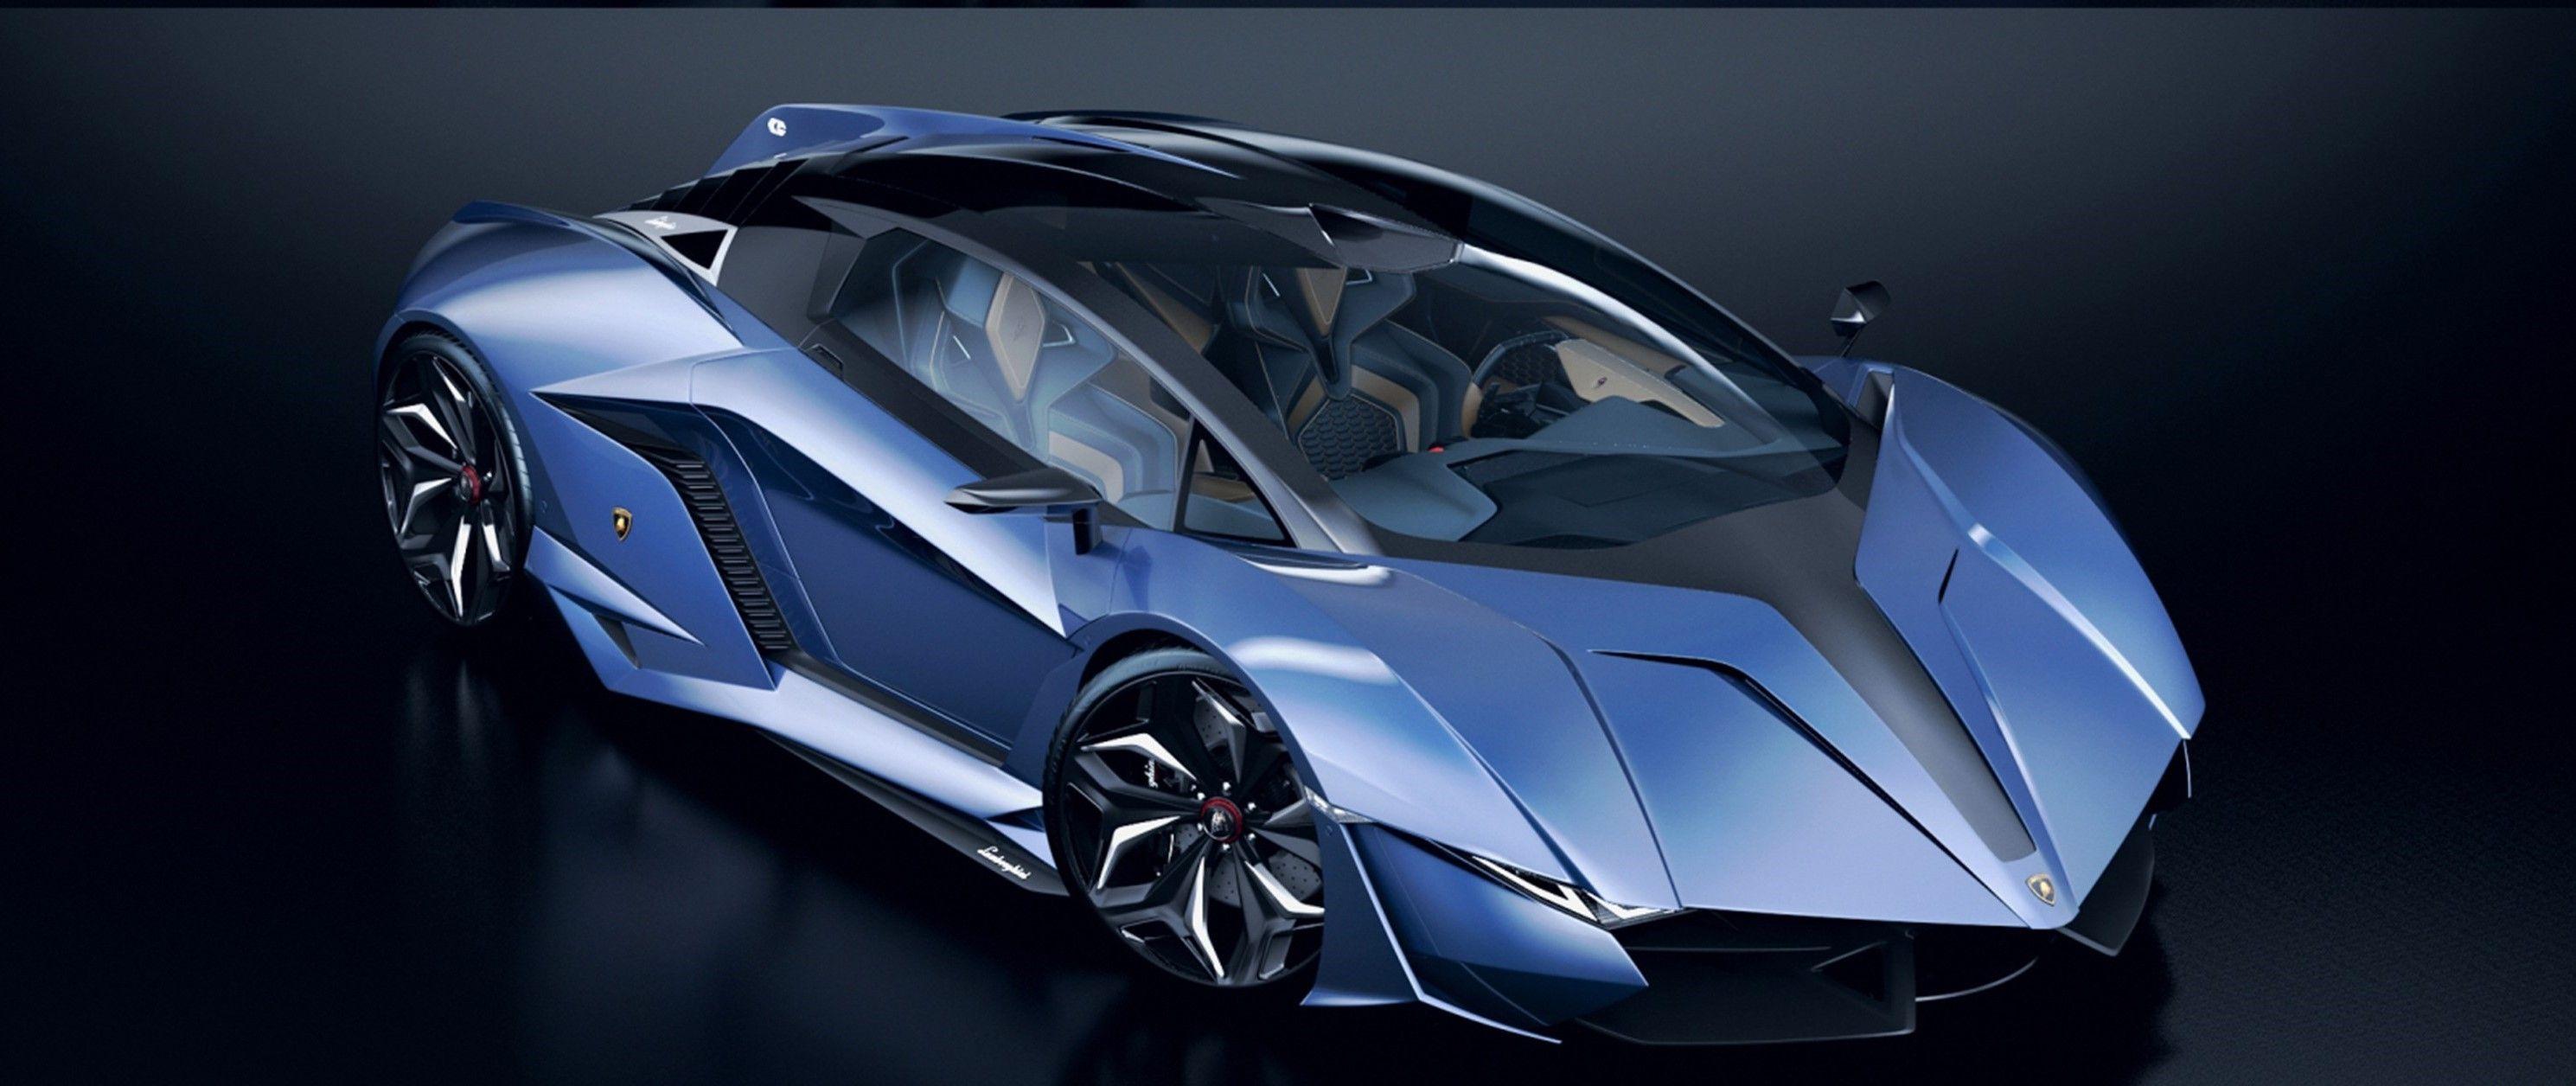 Lamborghini avaorano concept by wizzoo7 2015 lamborghini asterion lamborghinihtml